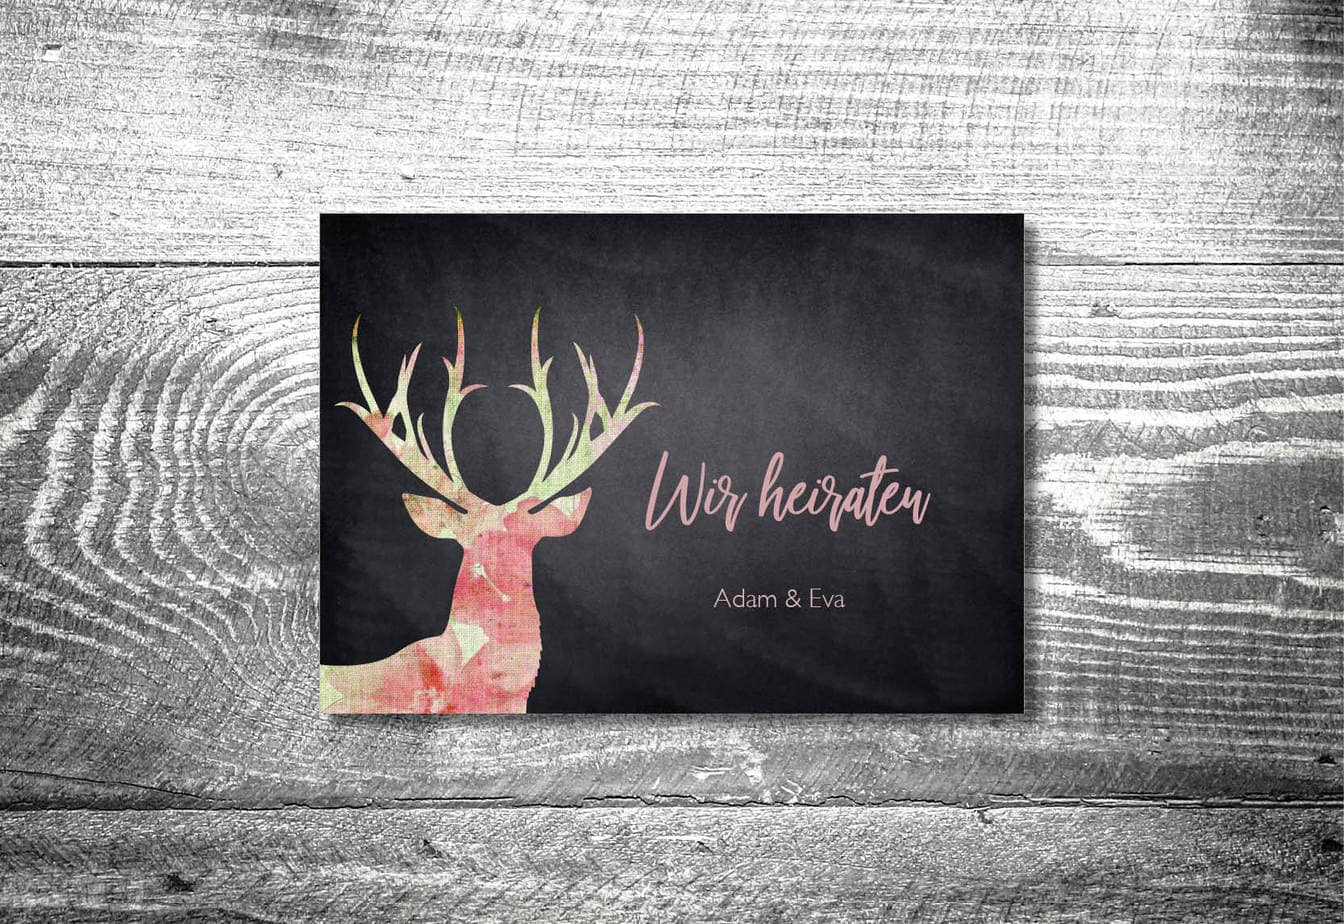 kartlerei karten drucken hochzeitseinladung heiraten bayrisch heimatgefuehl leinenhirsch einladung - Hochzeitskarten Set